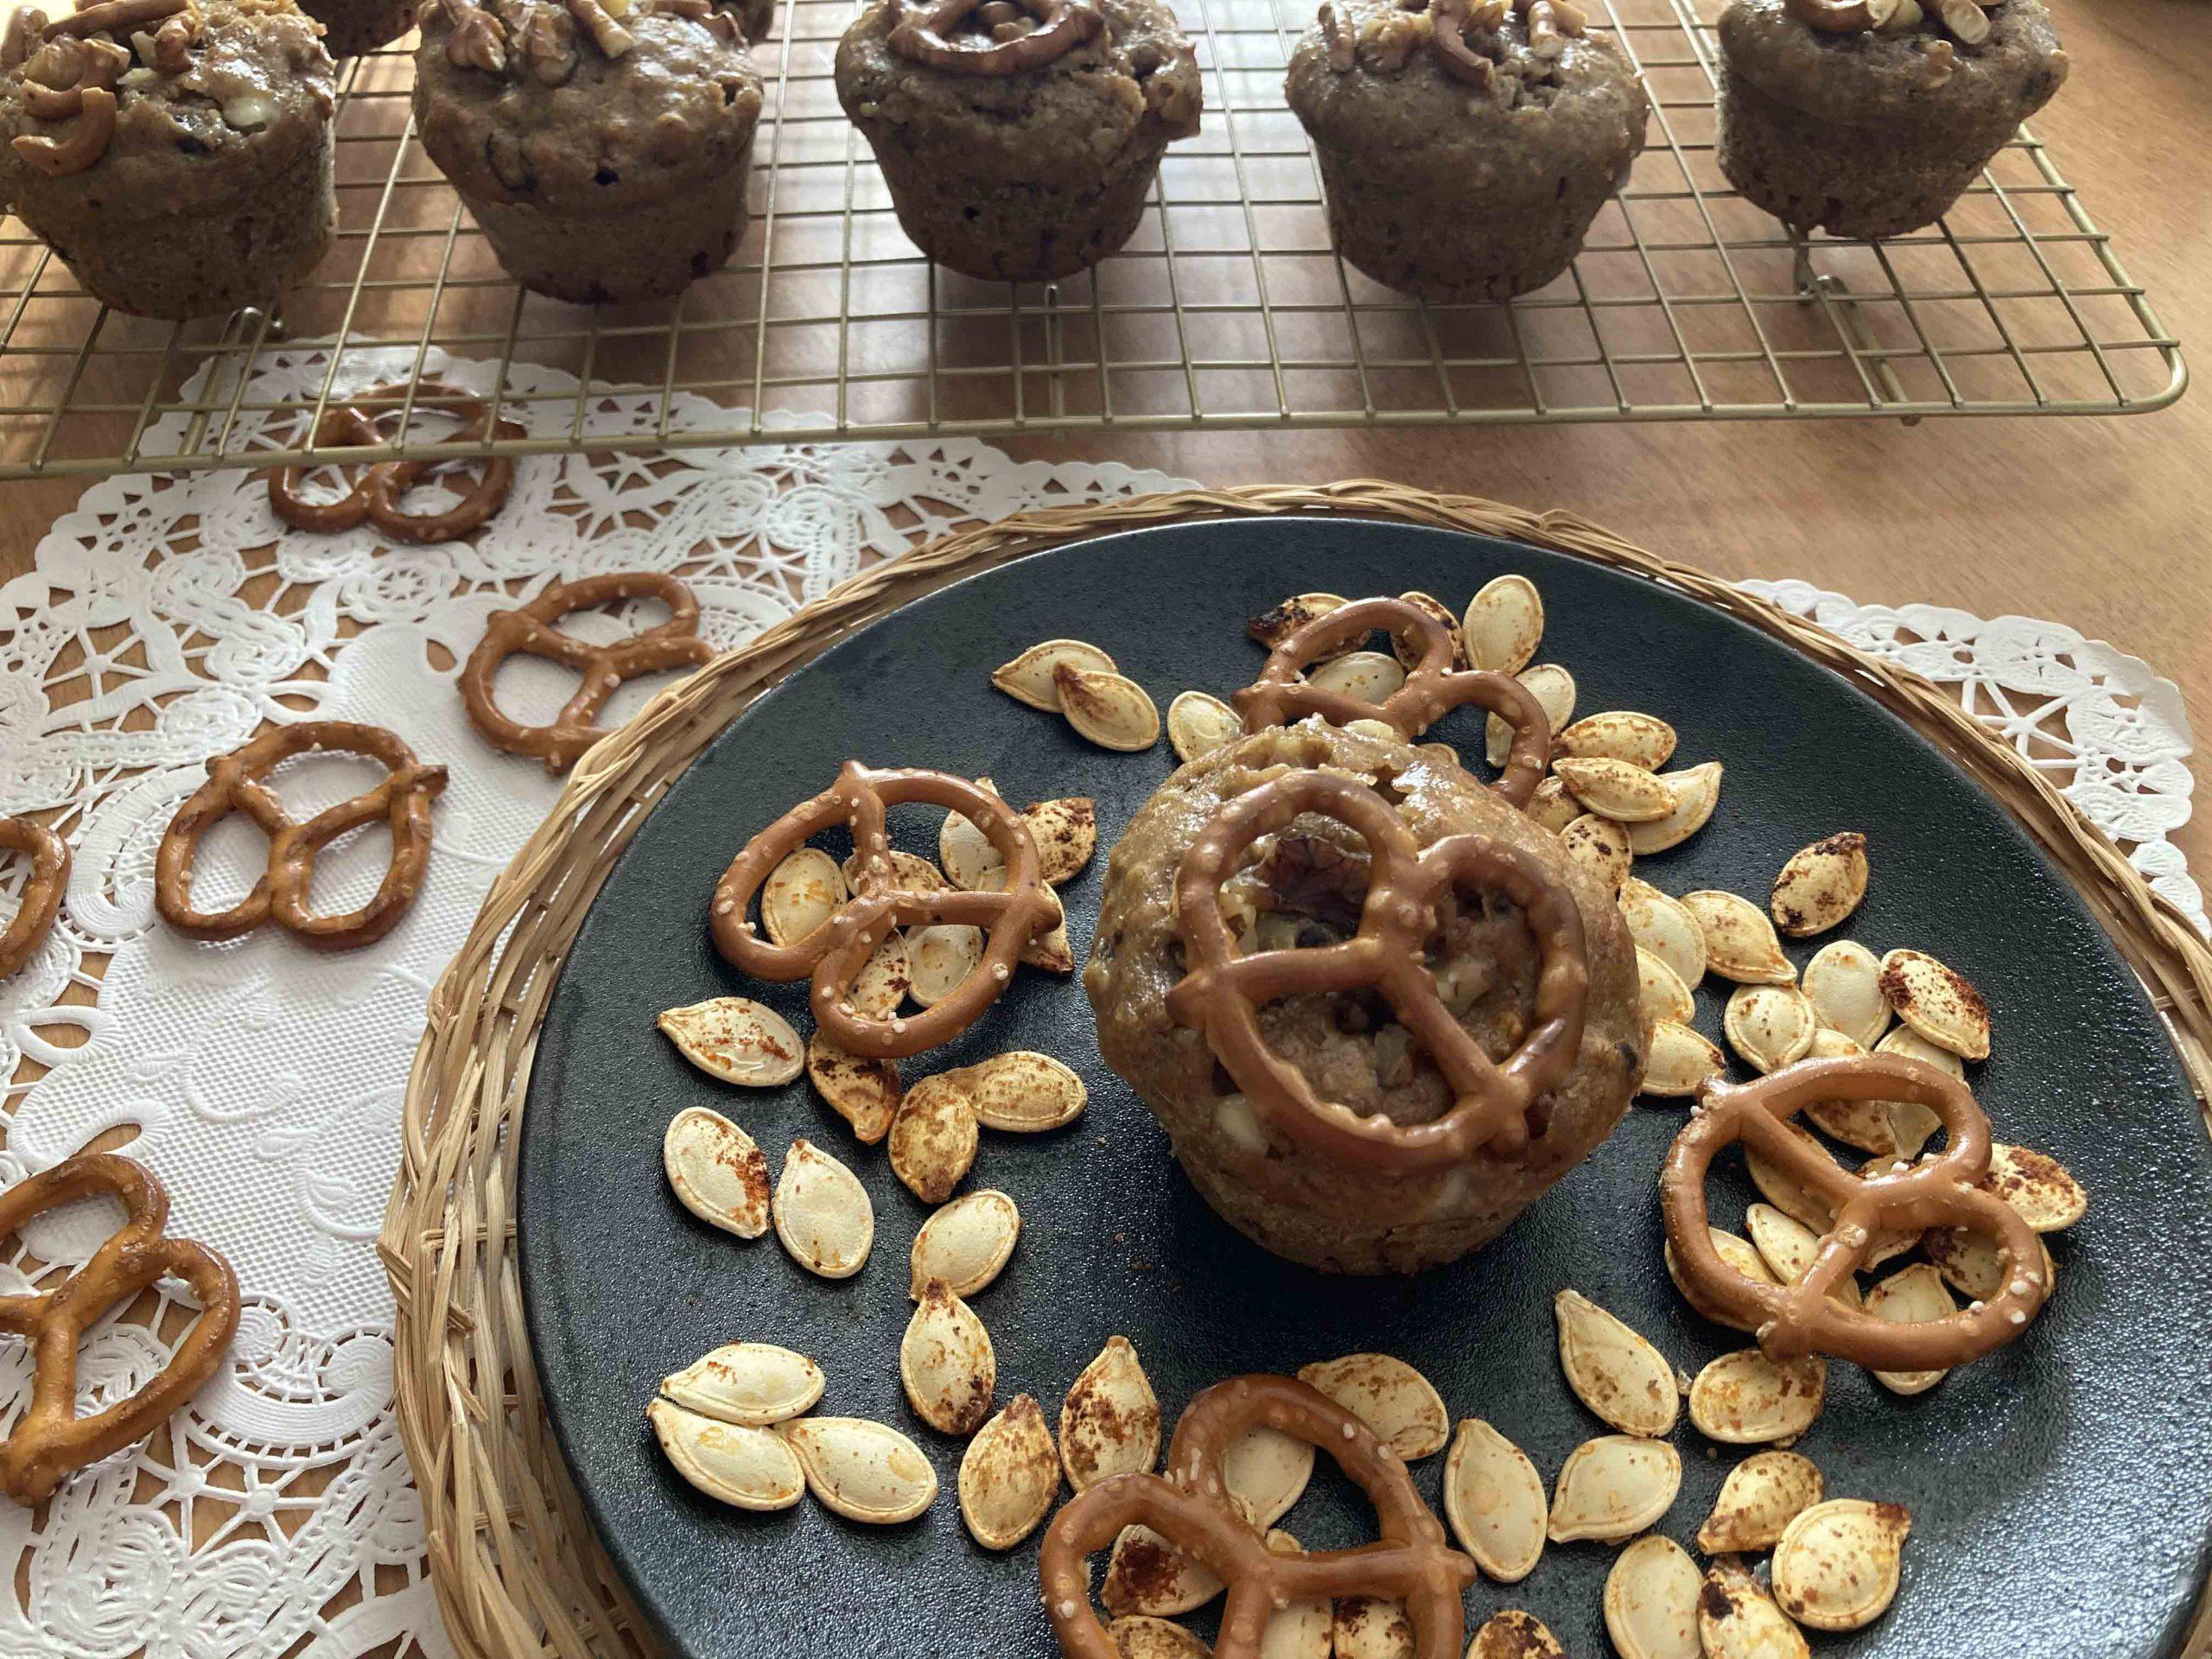 Muffins à la citrouille, noix de Grenoble, chocolat blanc et bretzels